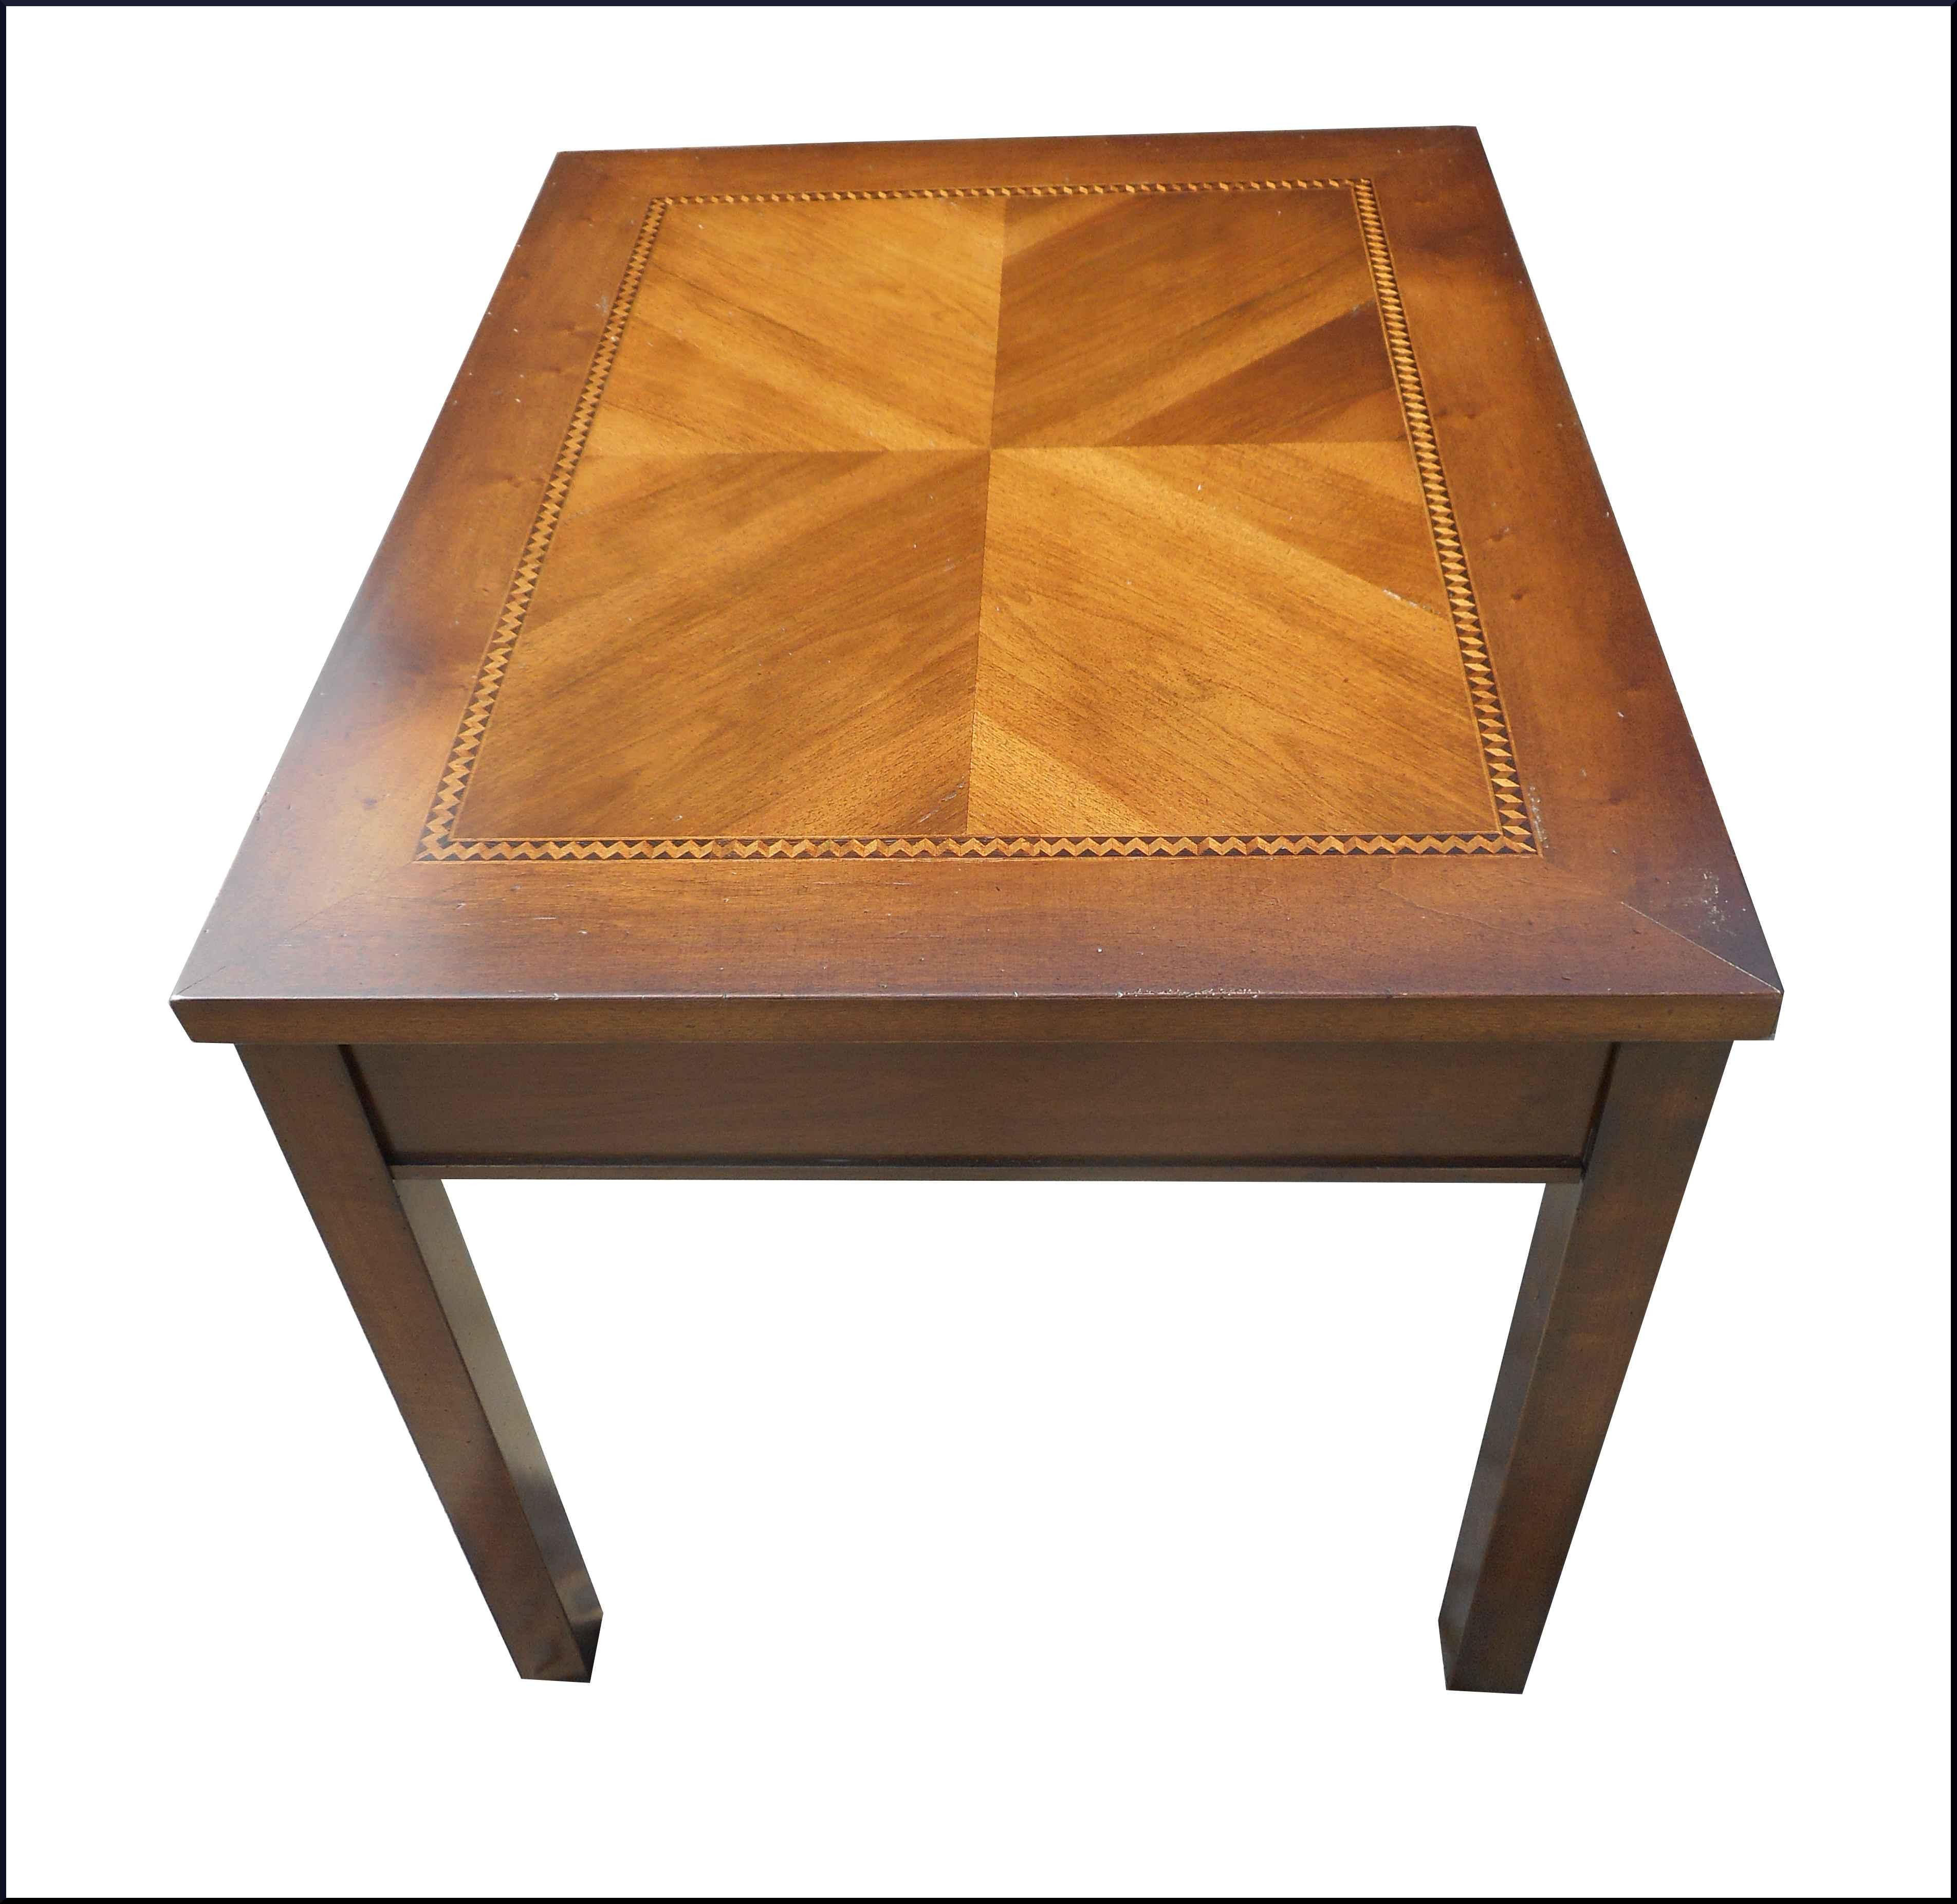 Tavolo da cucina con intarsio e filettature